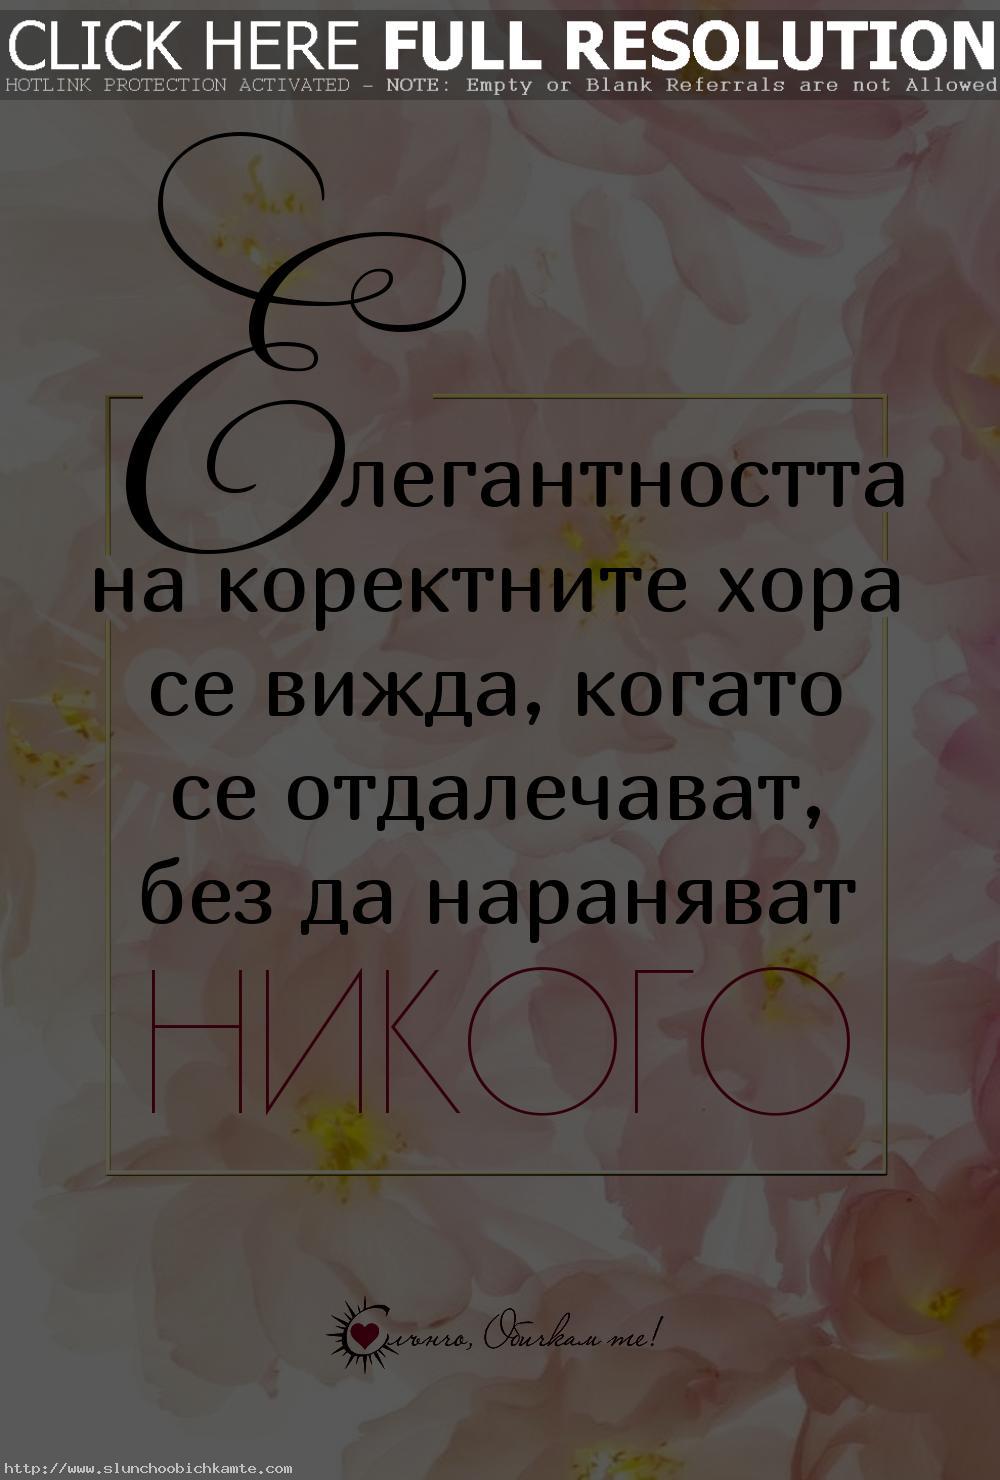 Елегантността на коректните хора се вижда, когато се отдалечават без да нараняват никого - Любов, любовни мисли, любовни статуси, любовни фрази, любовни цитати - елегантност, коректни хора, болка от любов, нещастна несподелена любов, разочарование